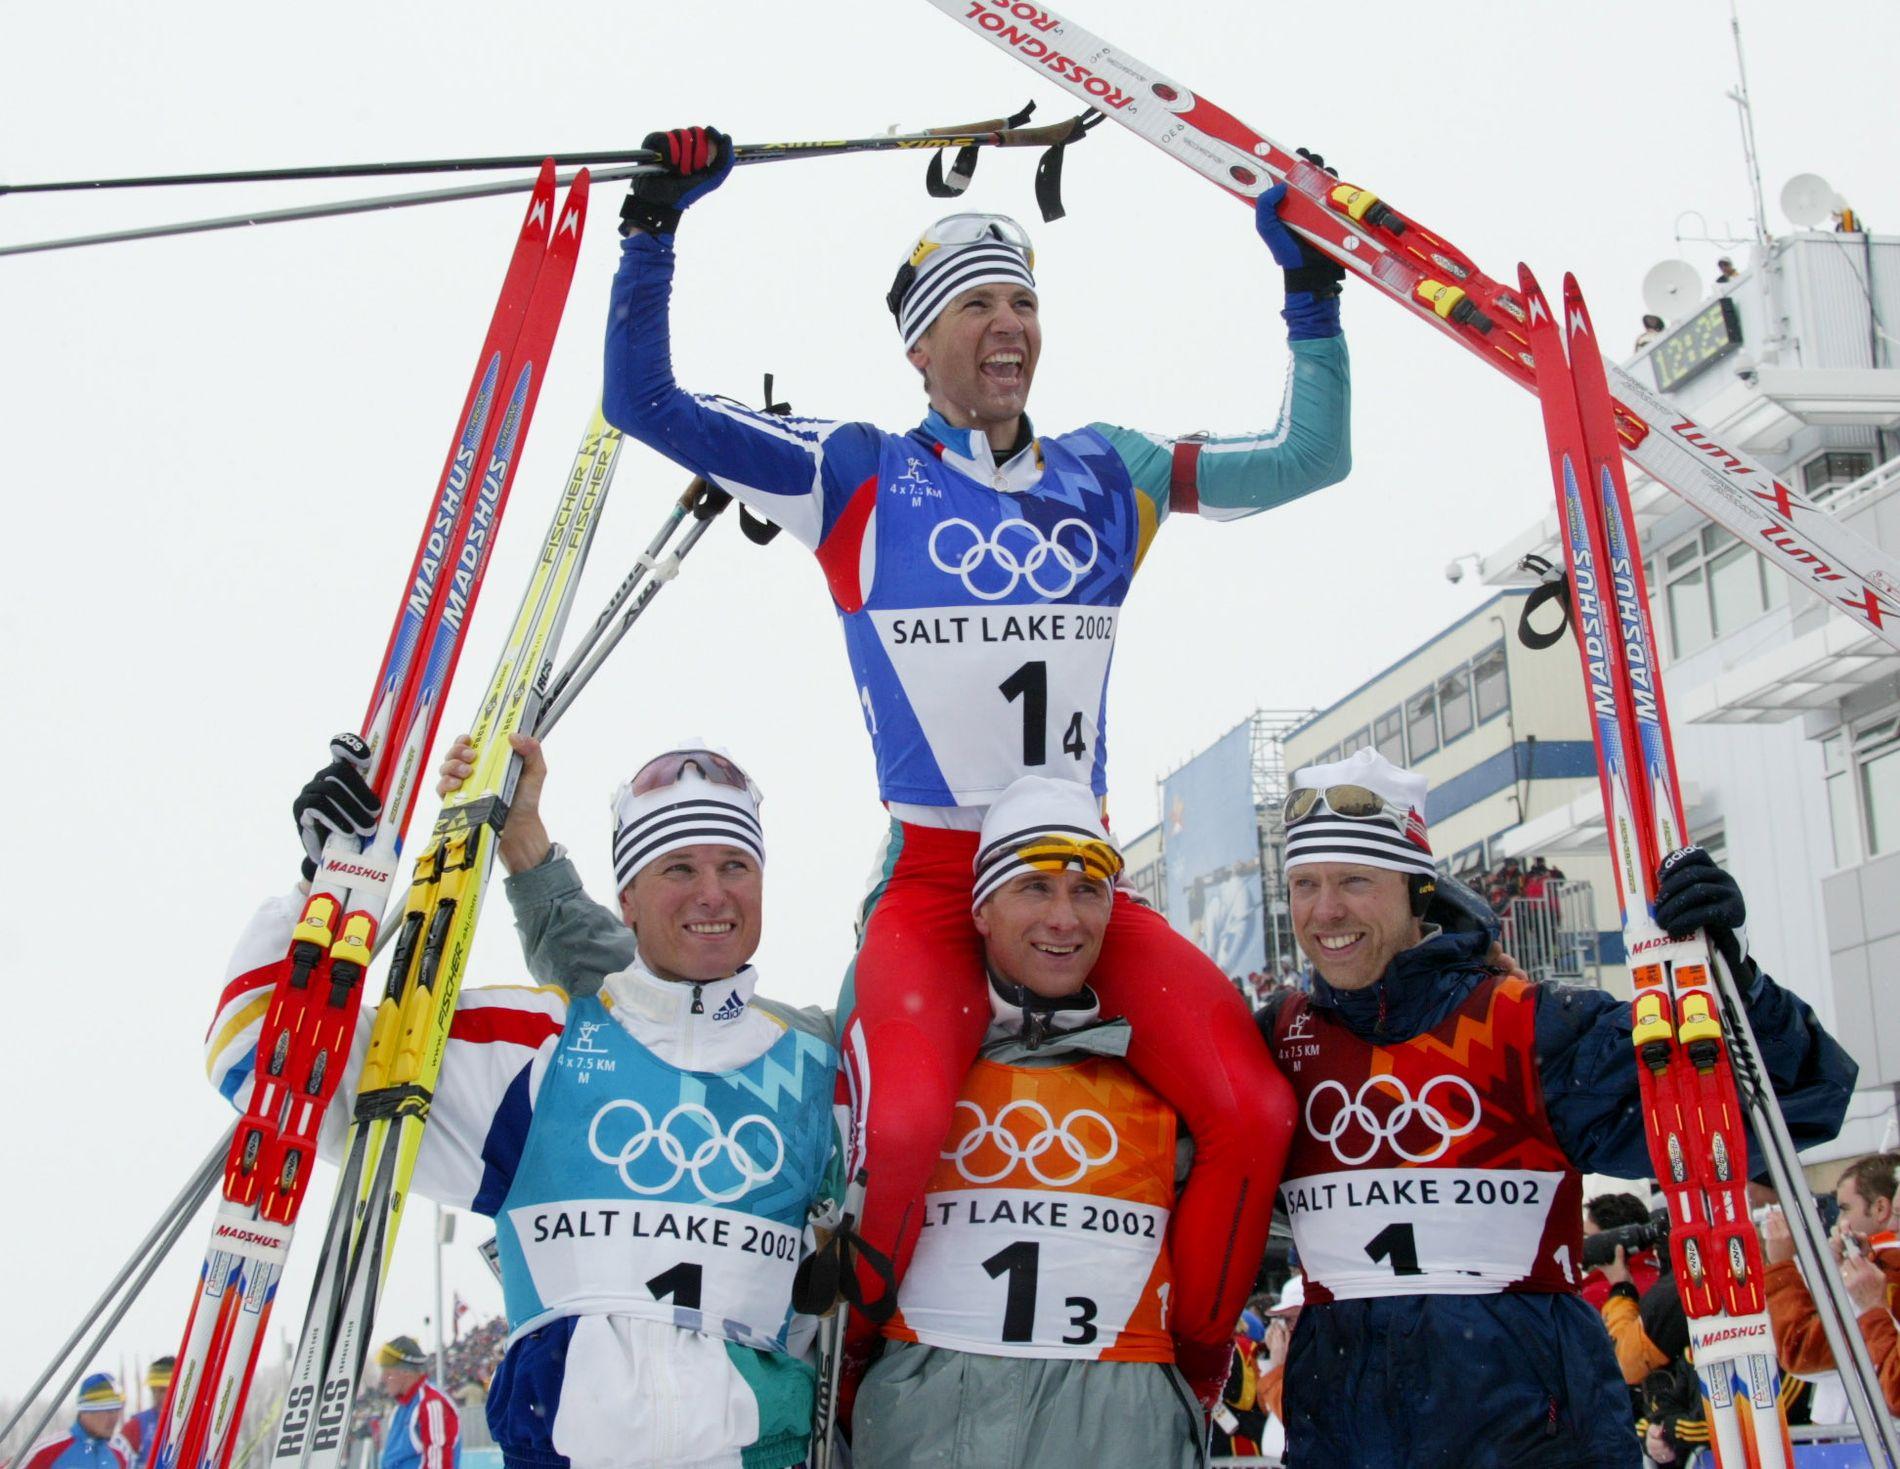 2002 var Bjørndalens aller største år. På stafetten sikret han et perfekt OL: Fire øvelser, fire gull. Her poserer han med lagkameratene som hjalp ham til bragden. Fra venstre: Frode Andresen, Egil Gjelland og Halvard Hanevold.